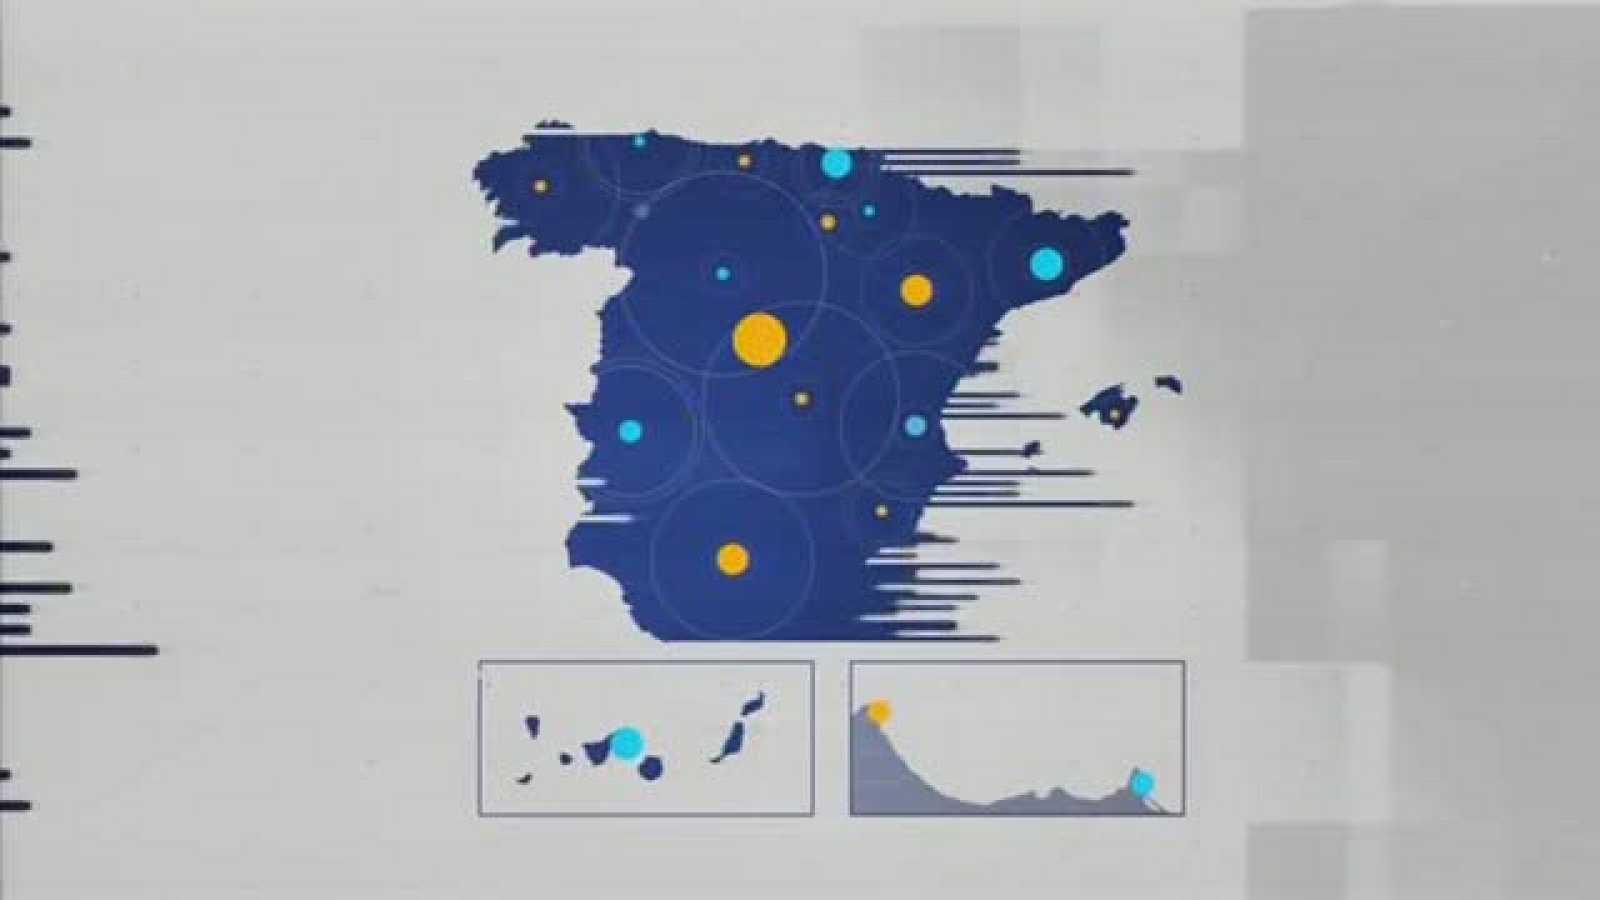 Noticias de Castilla-La Mancha 2 - 20/04/21 - Ver ahora